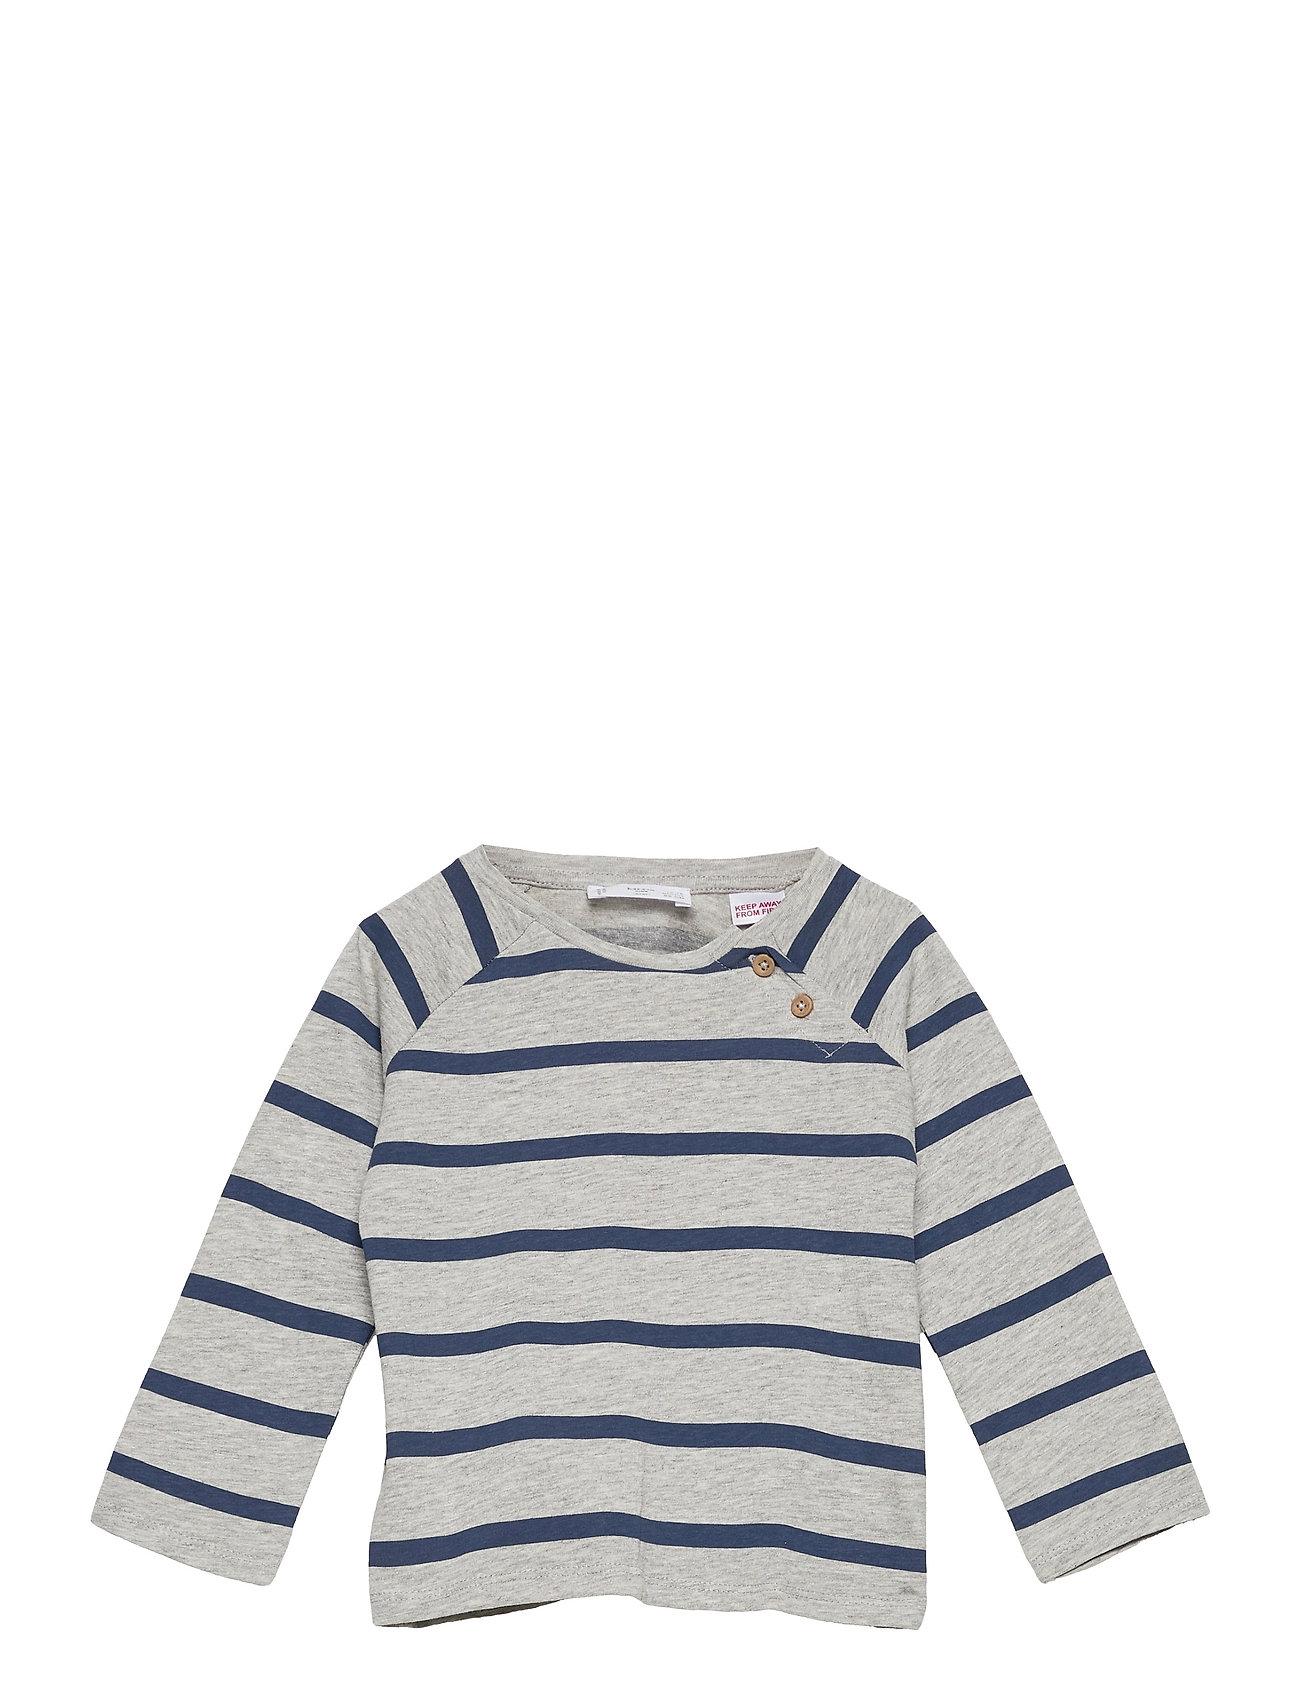 Robert Langærmet T-shirt Blå Mango